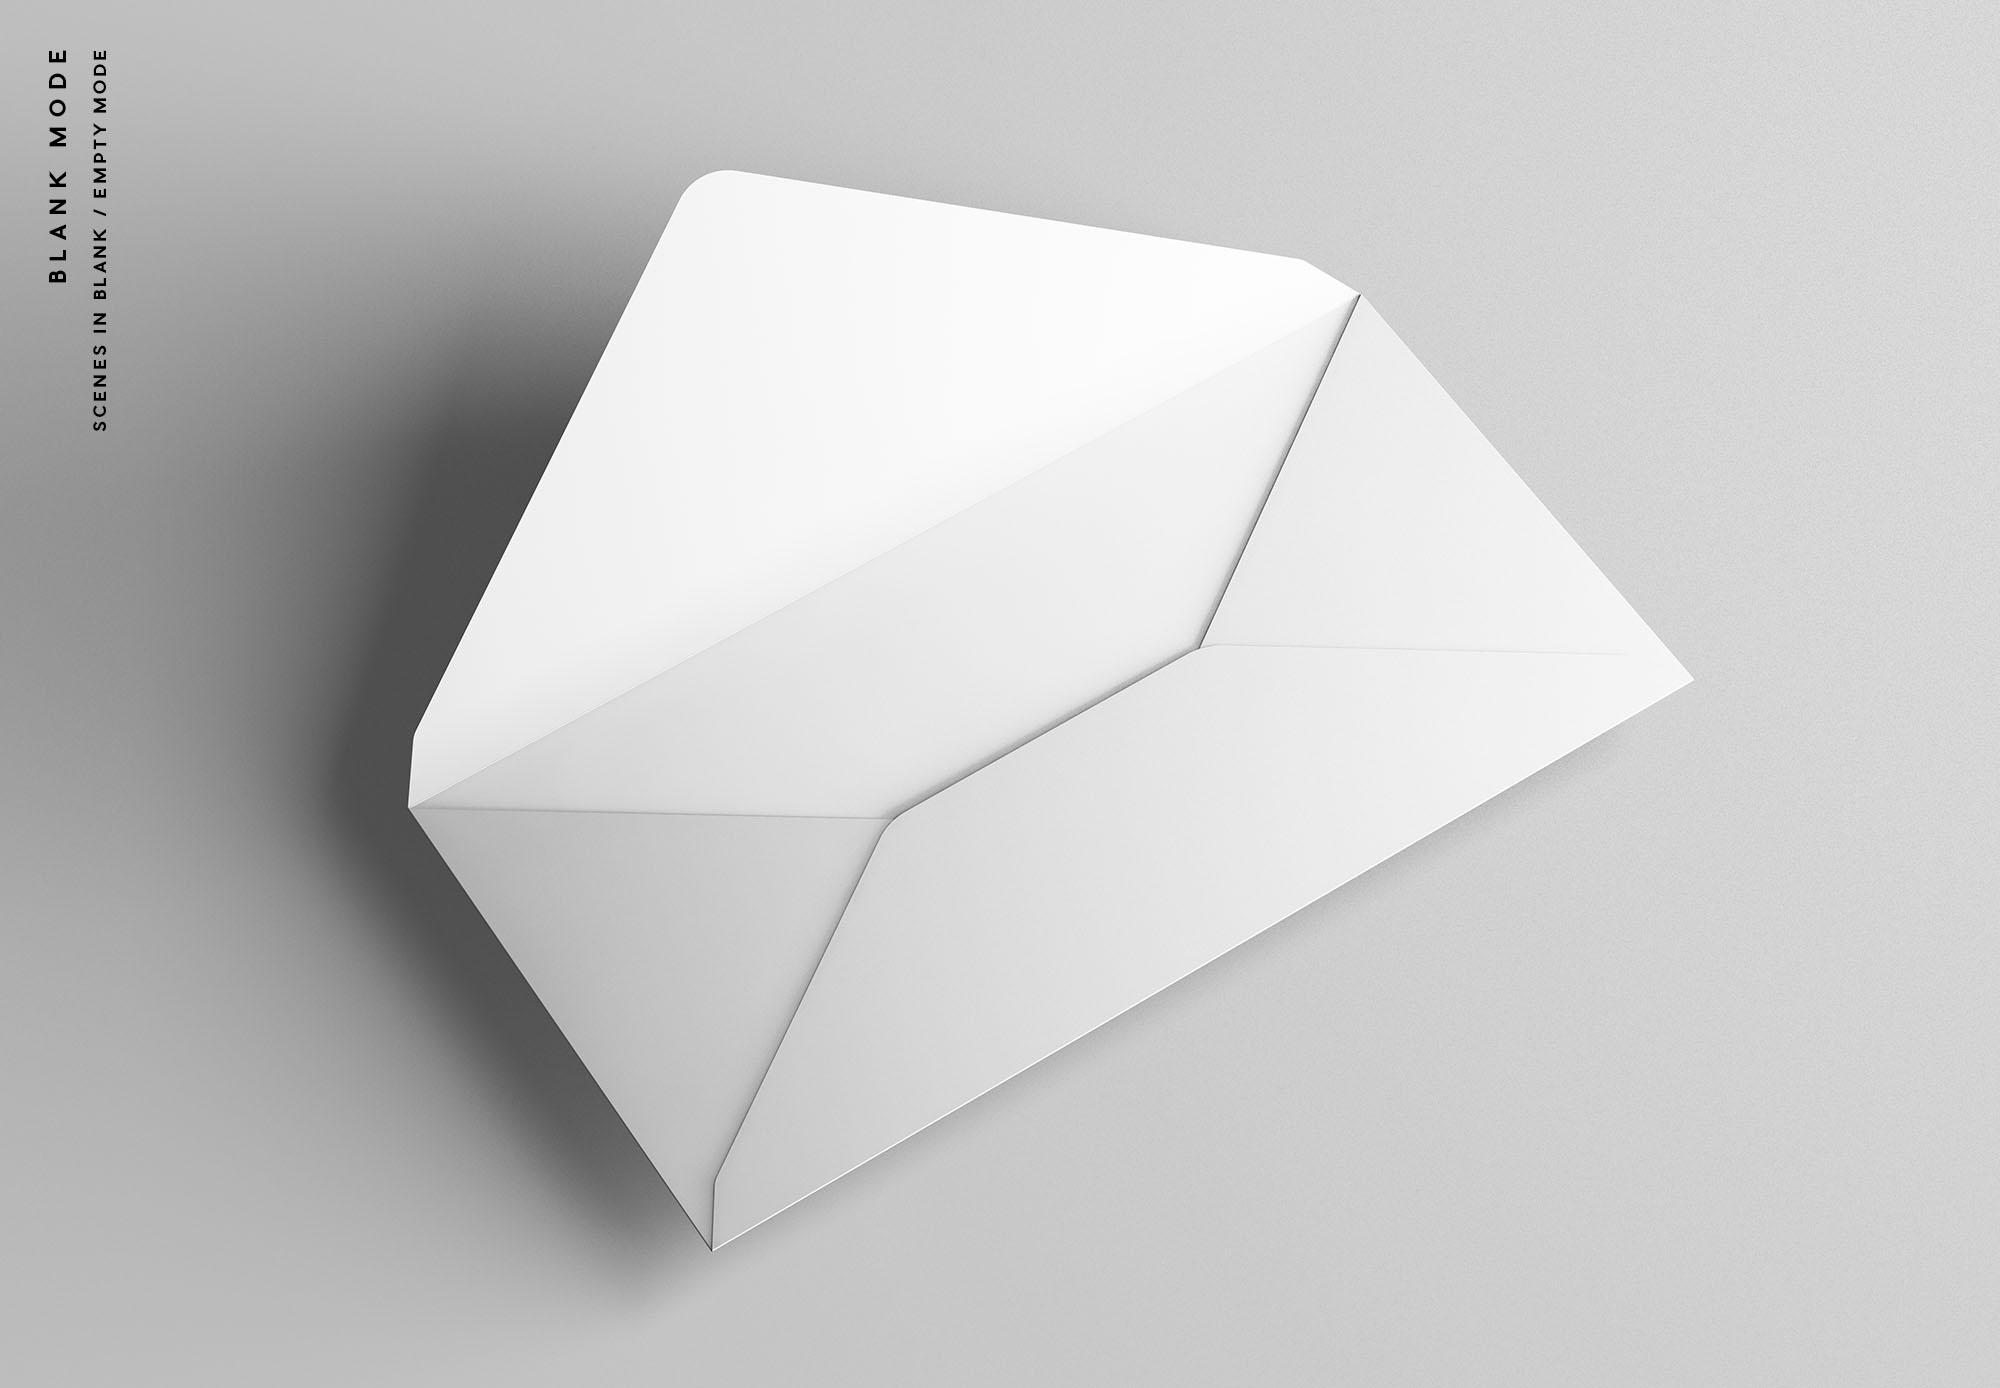 DL Envelope Mockup - Blank Mode